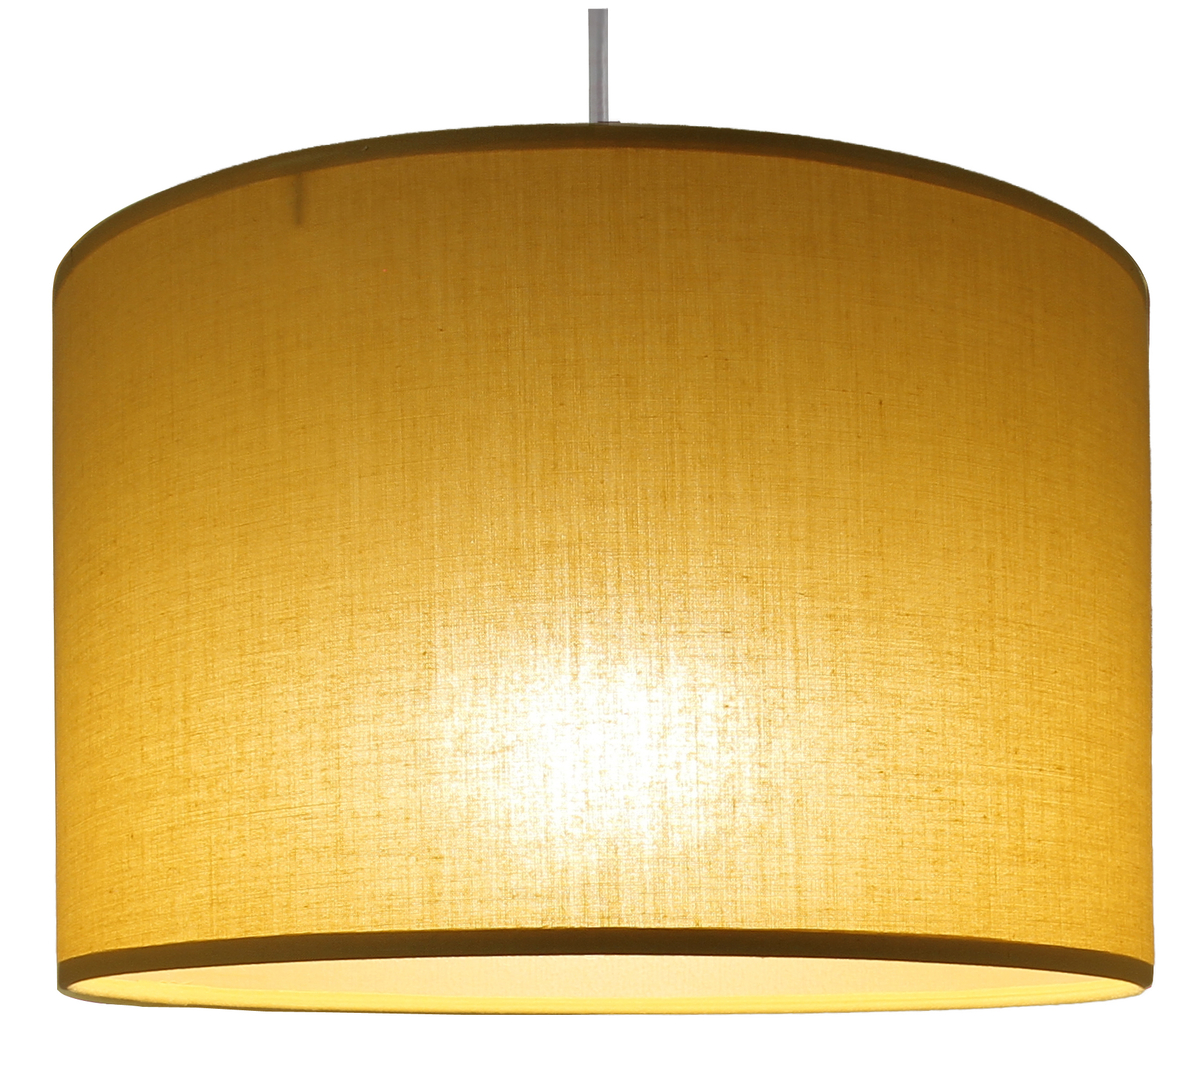 Suspension cylindre jaune moutarde transparent éclairée